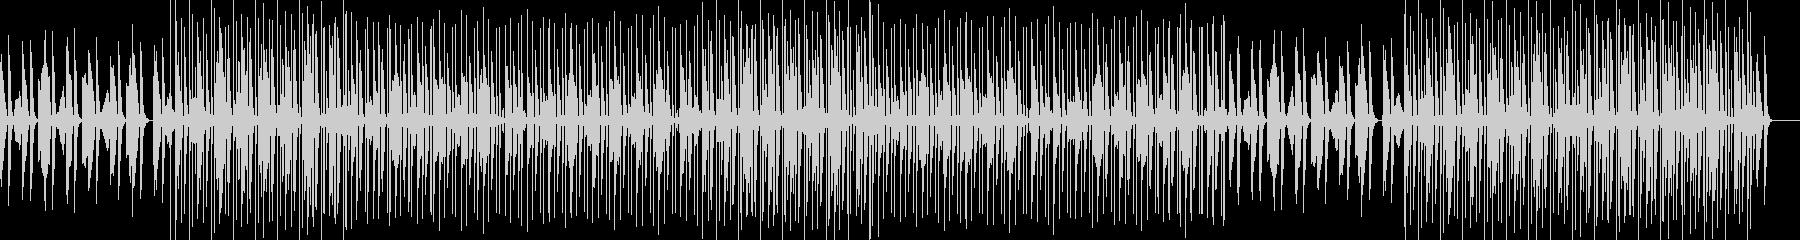 ピアノとオーケストラのフレーズをメイン…の未再生の波形